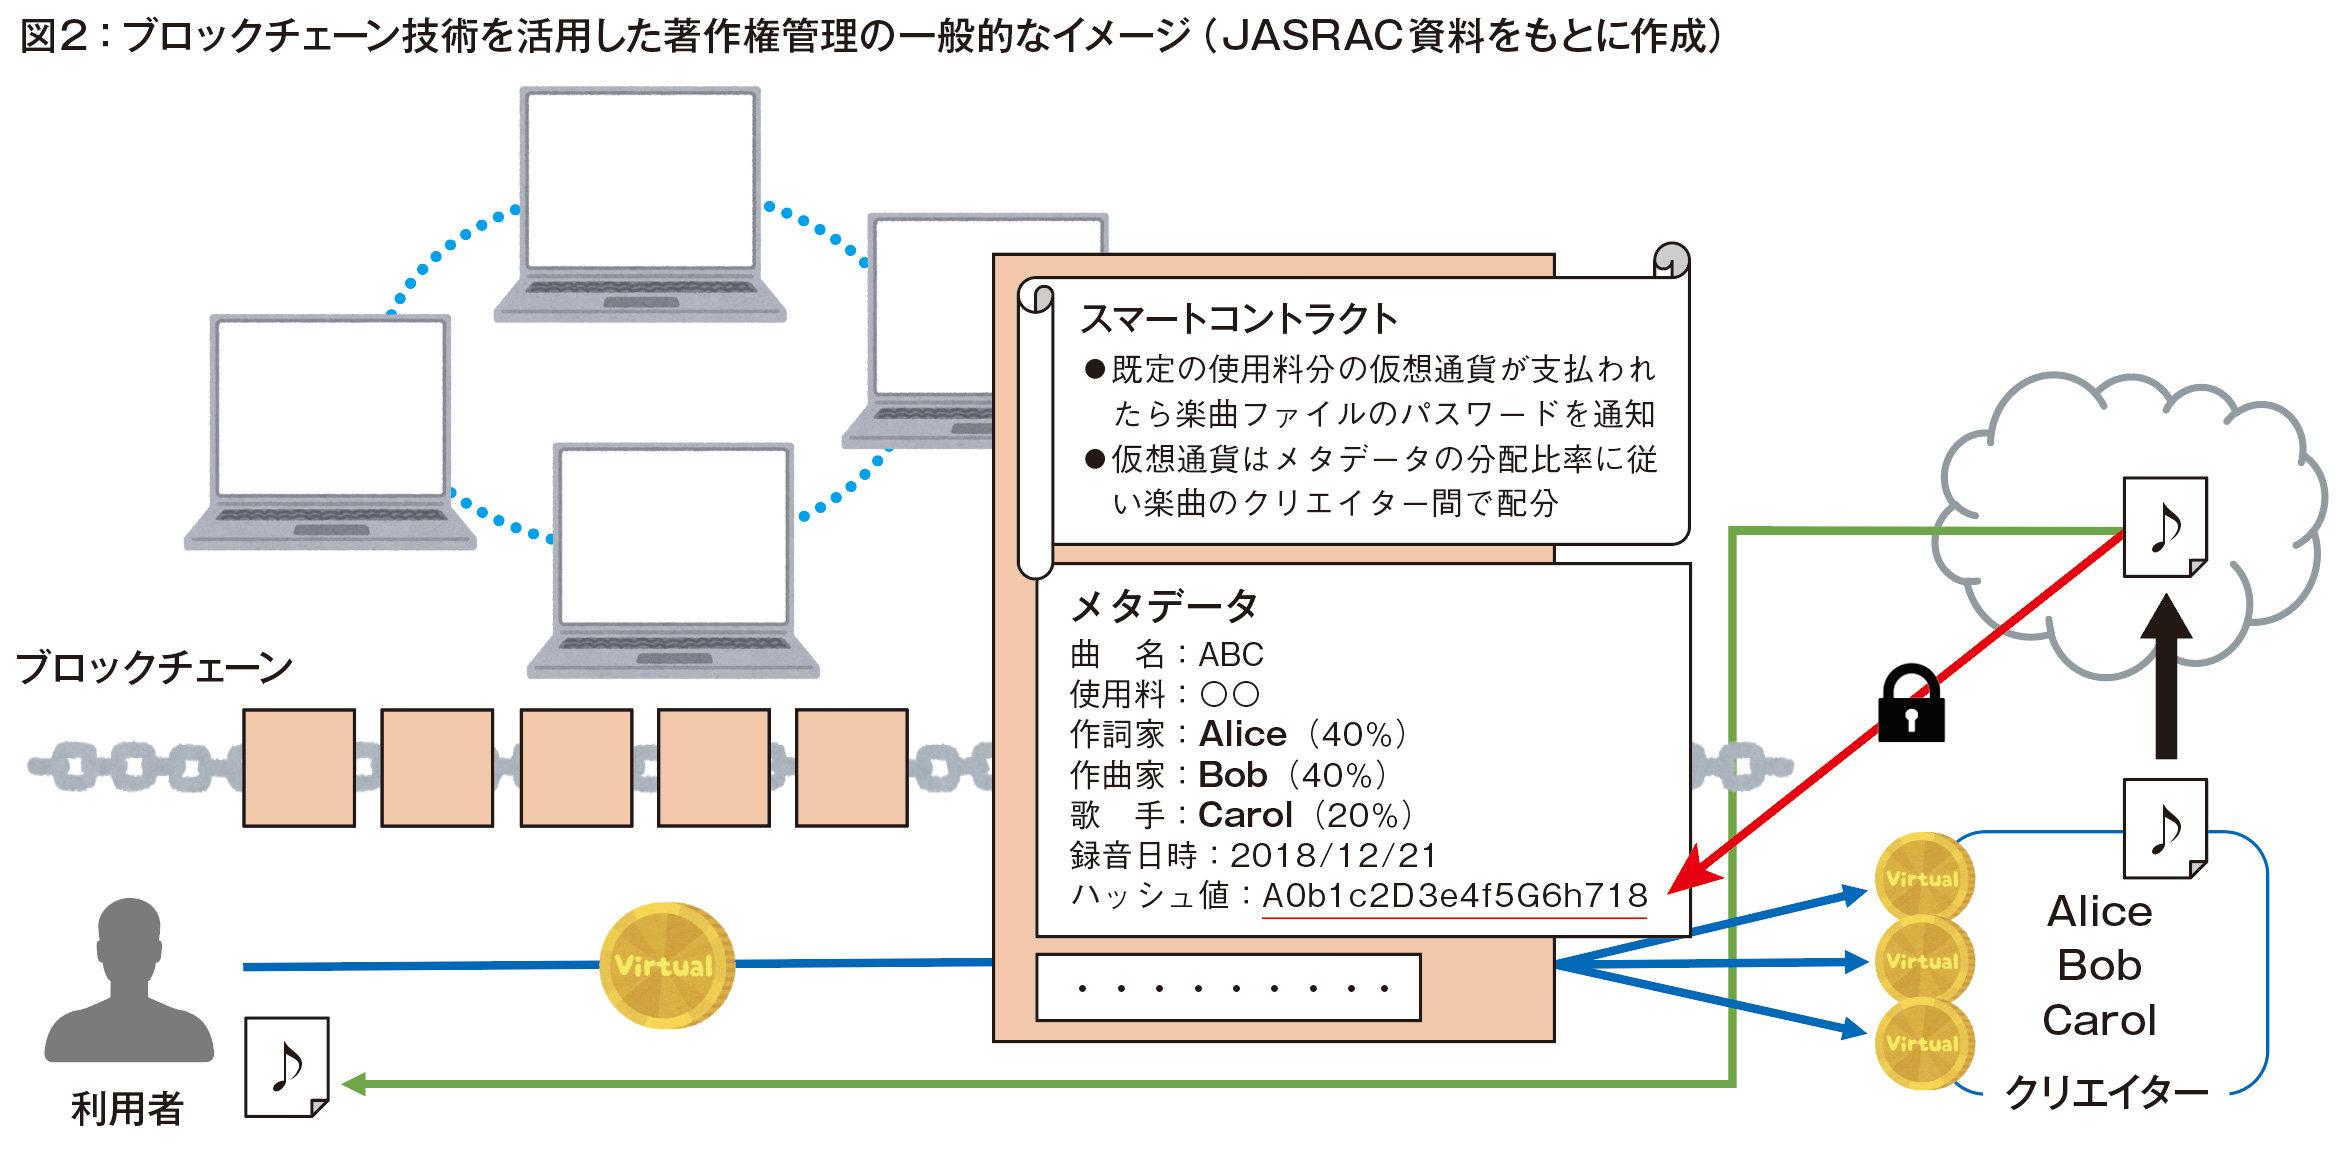 cpra-news99-04.jpg